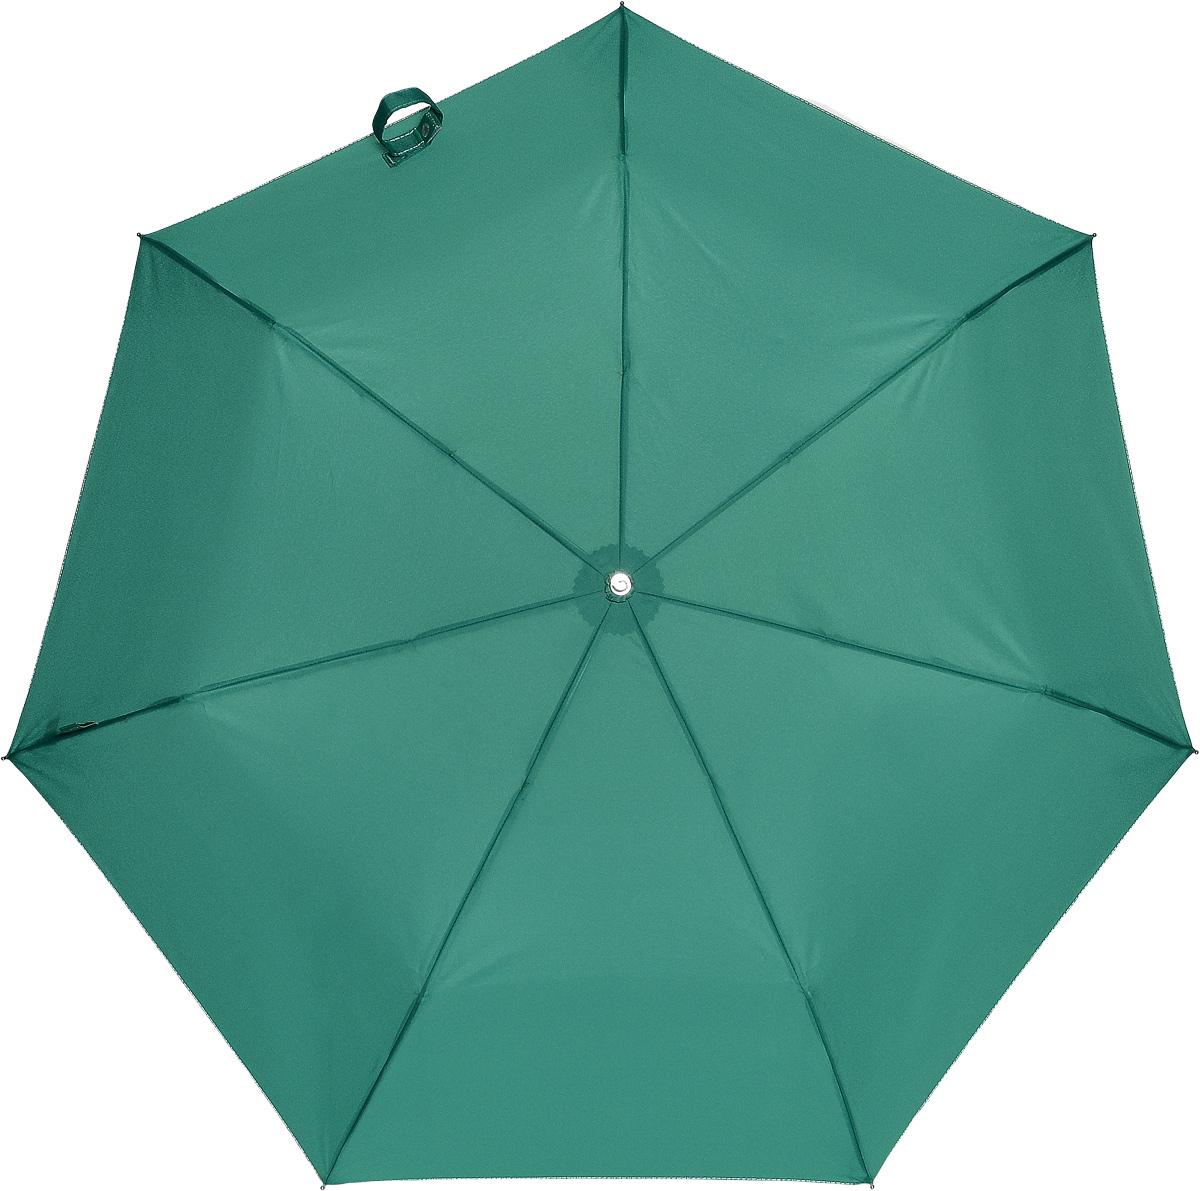 Bisetti 3580-3 Зонт полный автом. 3 сл. жен.45100636-1/18466/4900NЗонт испанского производителя Clima. В производстве зонтов используются современные материалы, что делает зонты легкими, но в то же время крепкими.Полный автомат, 3 сложения, 8 спиц по 54см, полиэстер.